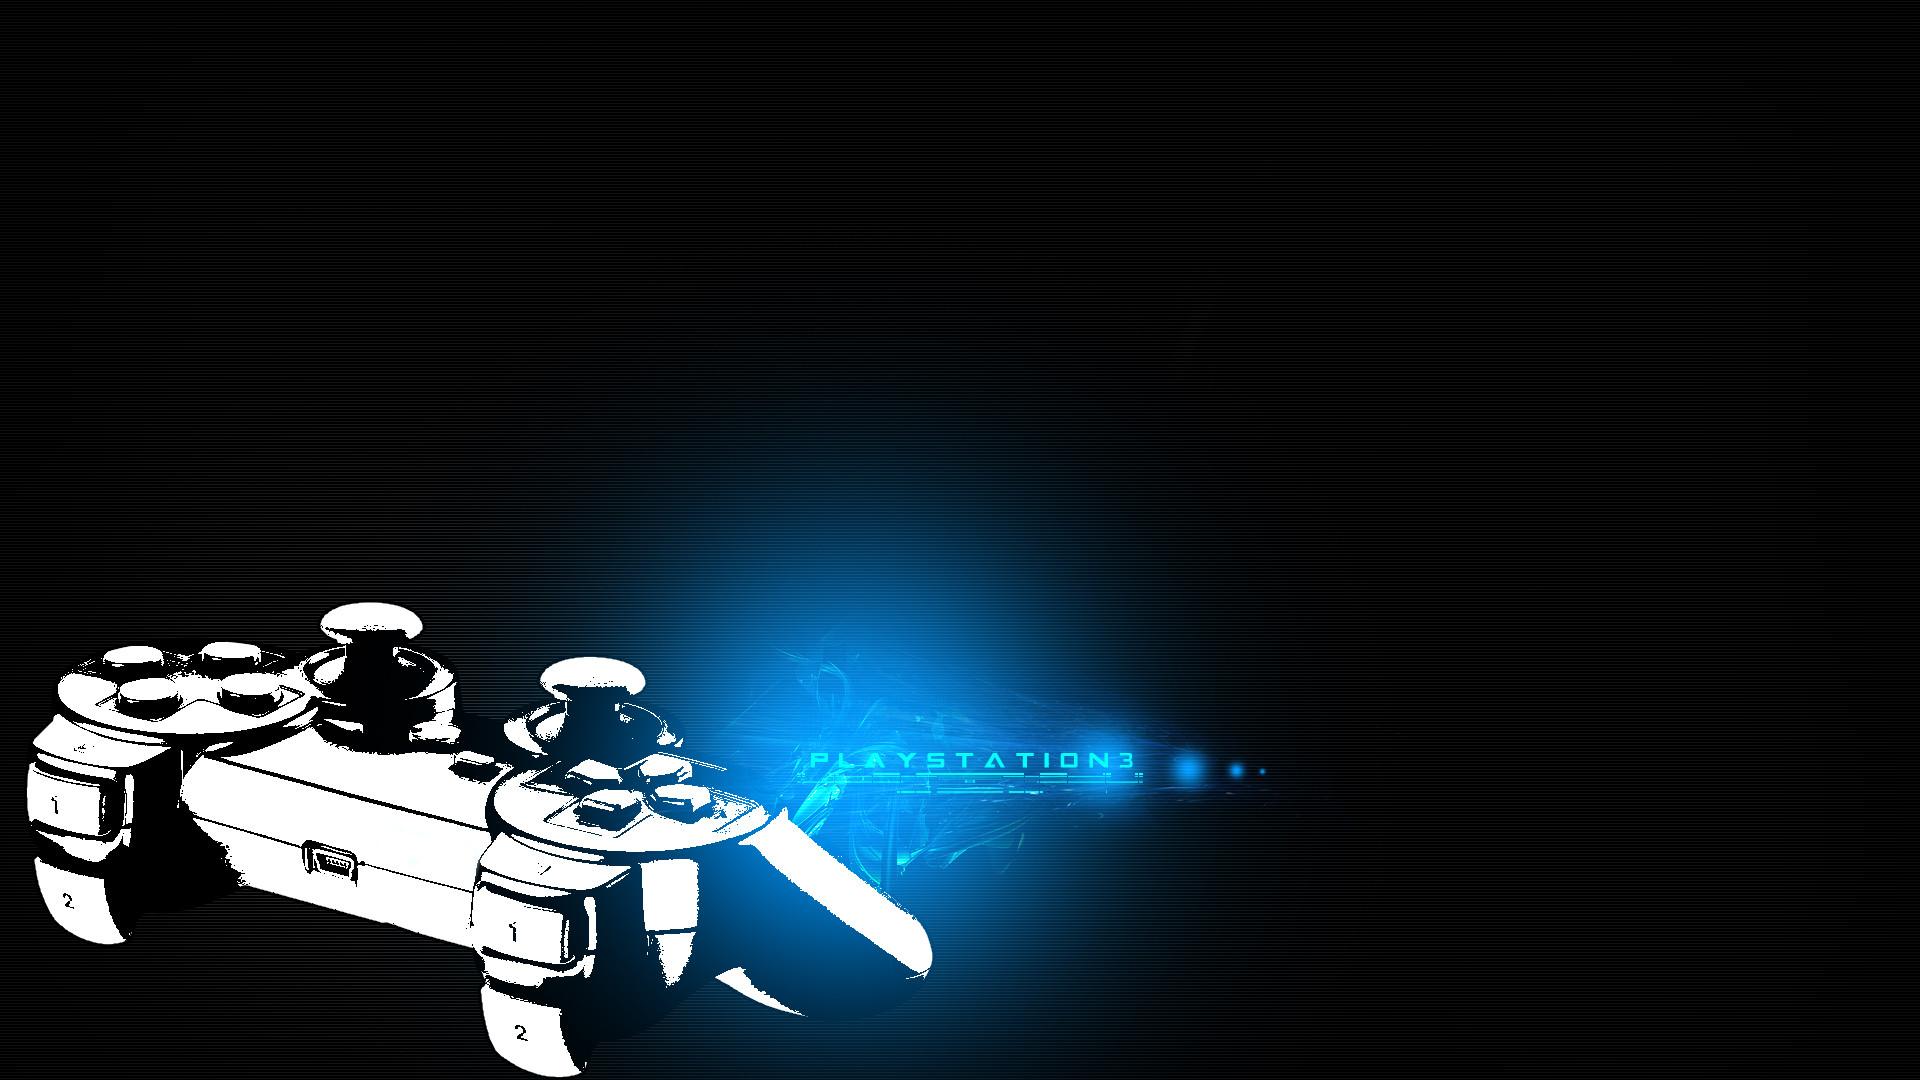 PlayStation 3 Wallpaper